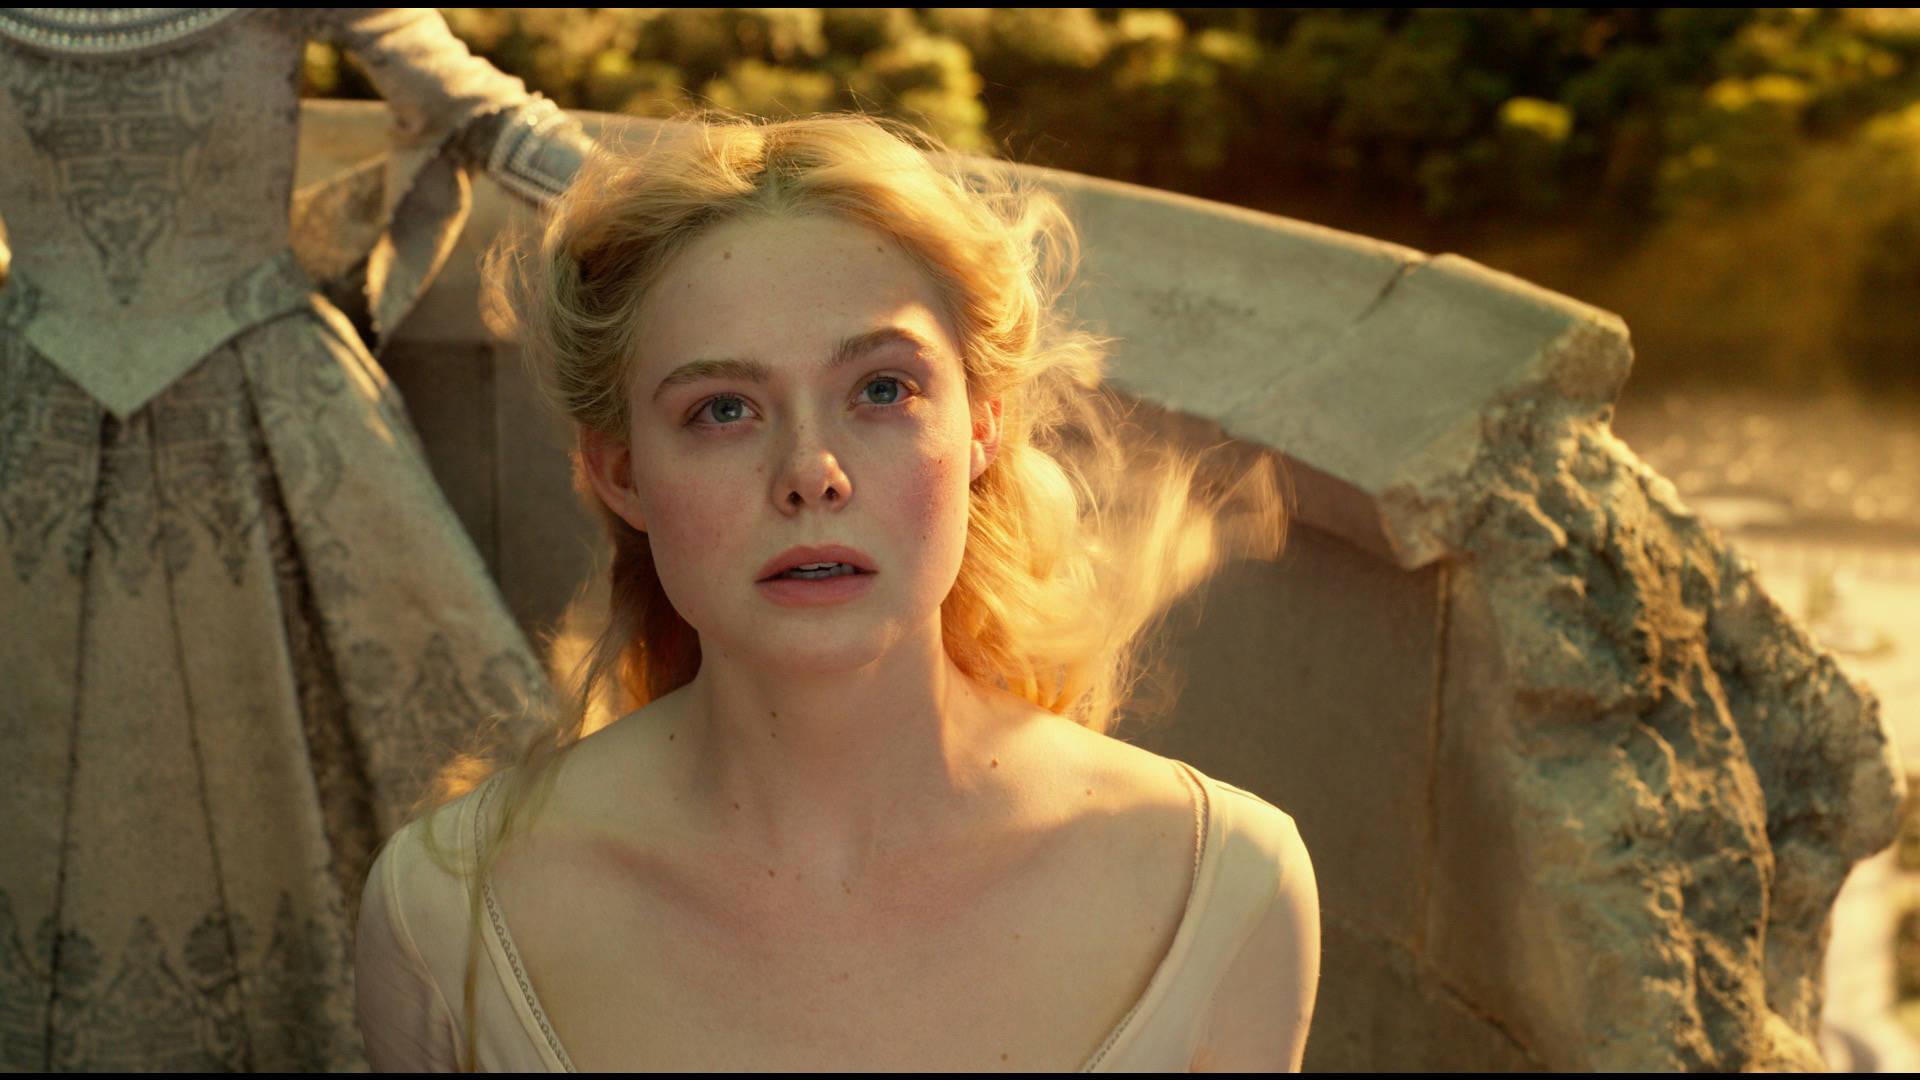 《沉睡魔咒2》:安吉丽娜·朱莉气场全开演绎暗黑童话